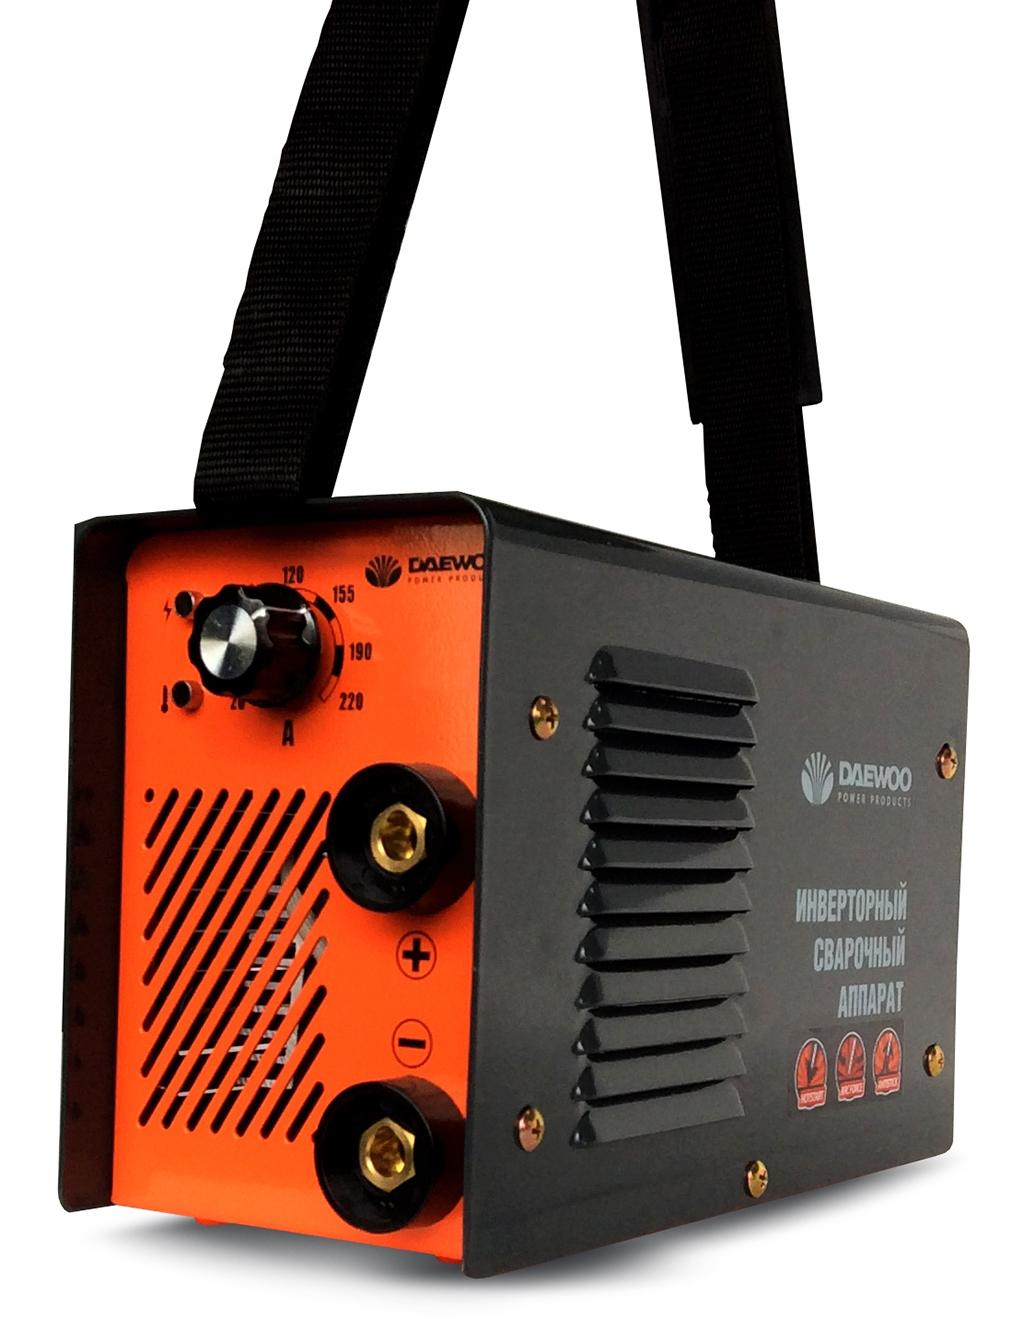 Зварювальний інверторний апарат Daewoo MINI DW-220 MMA